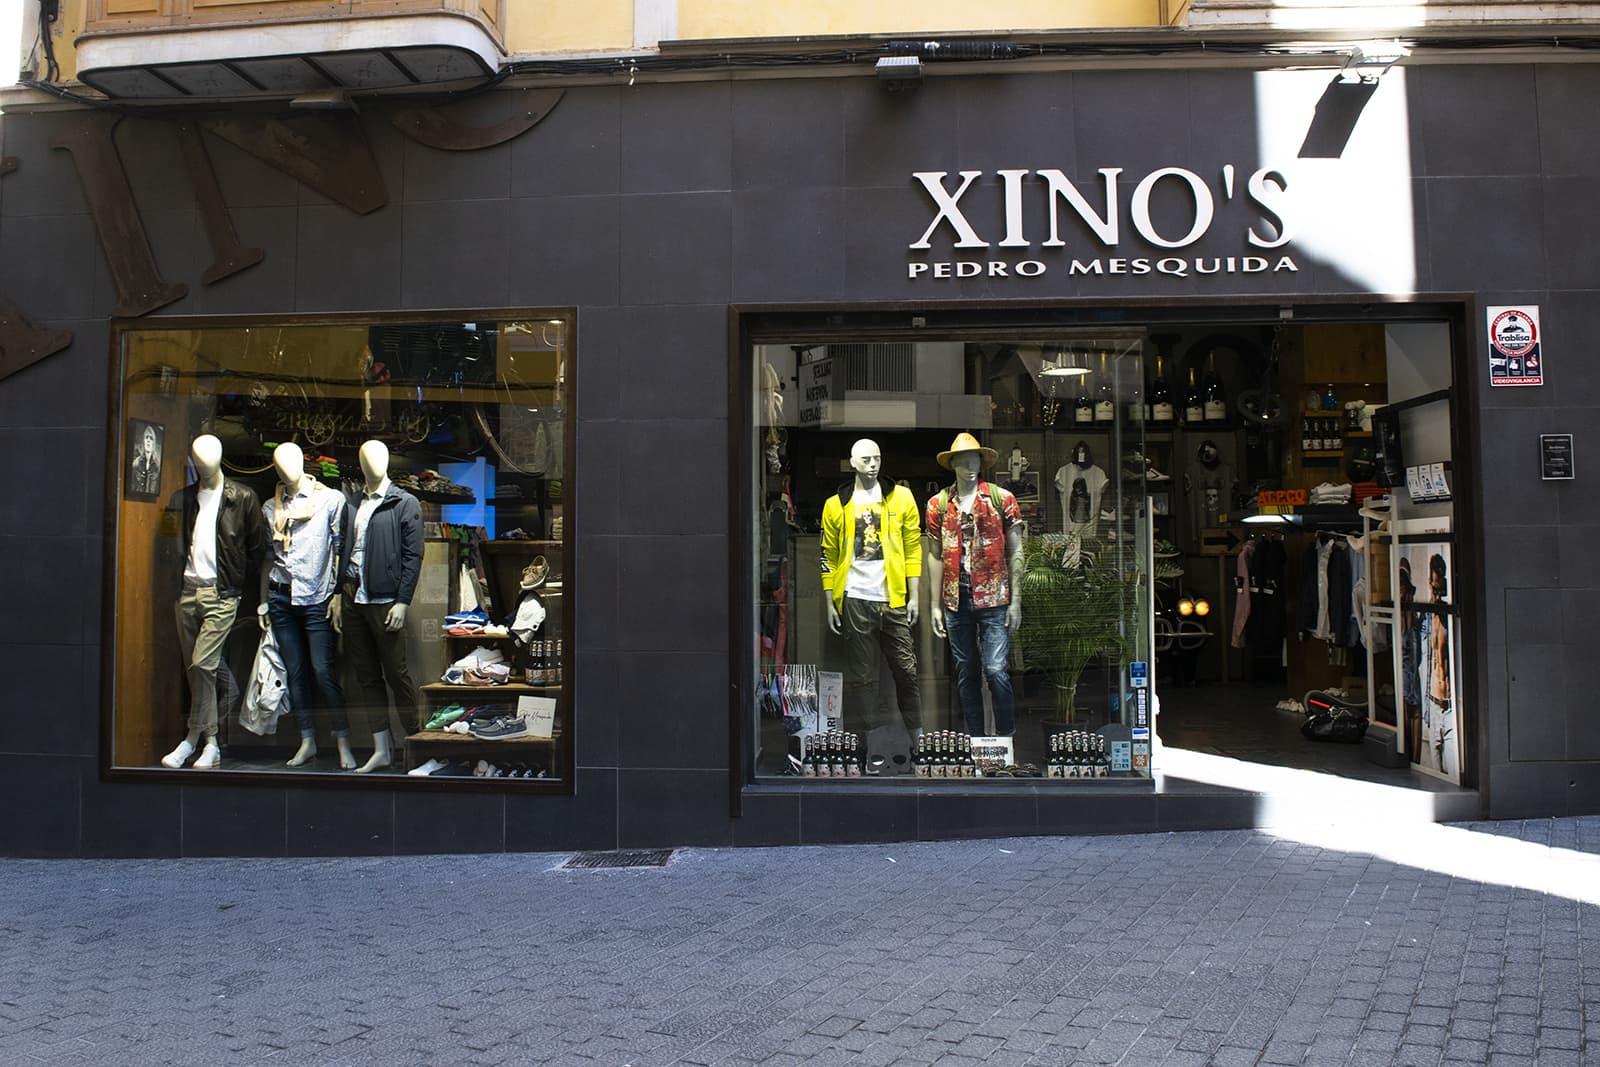 XIno's fachada